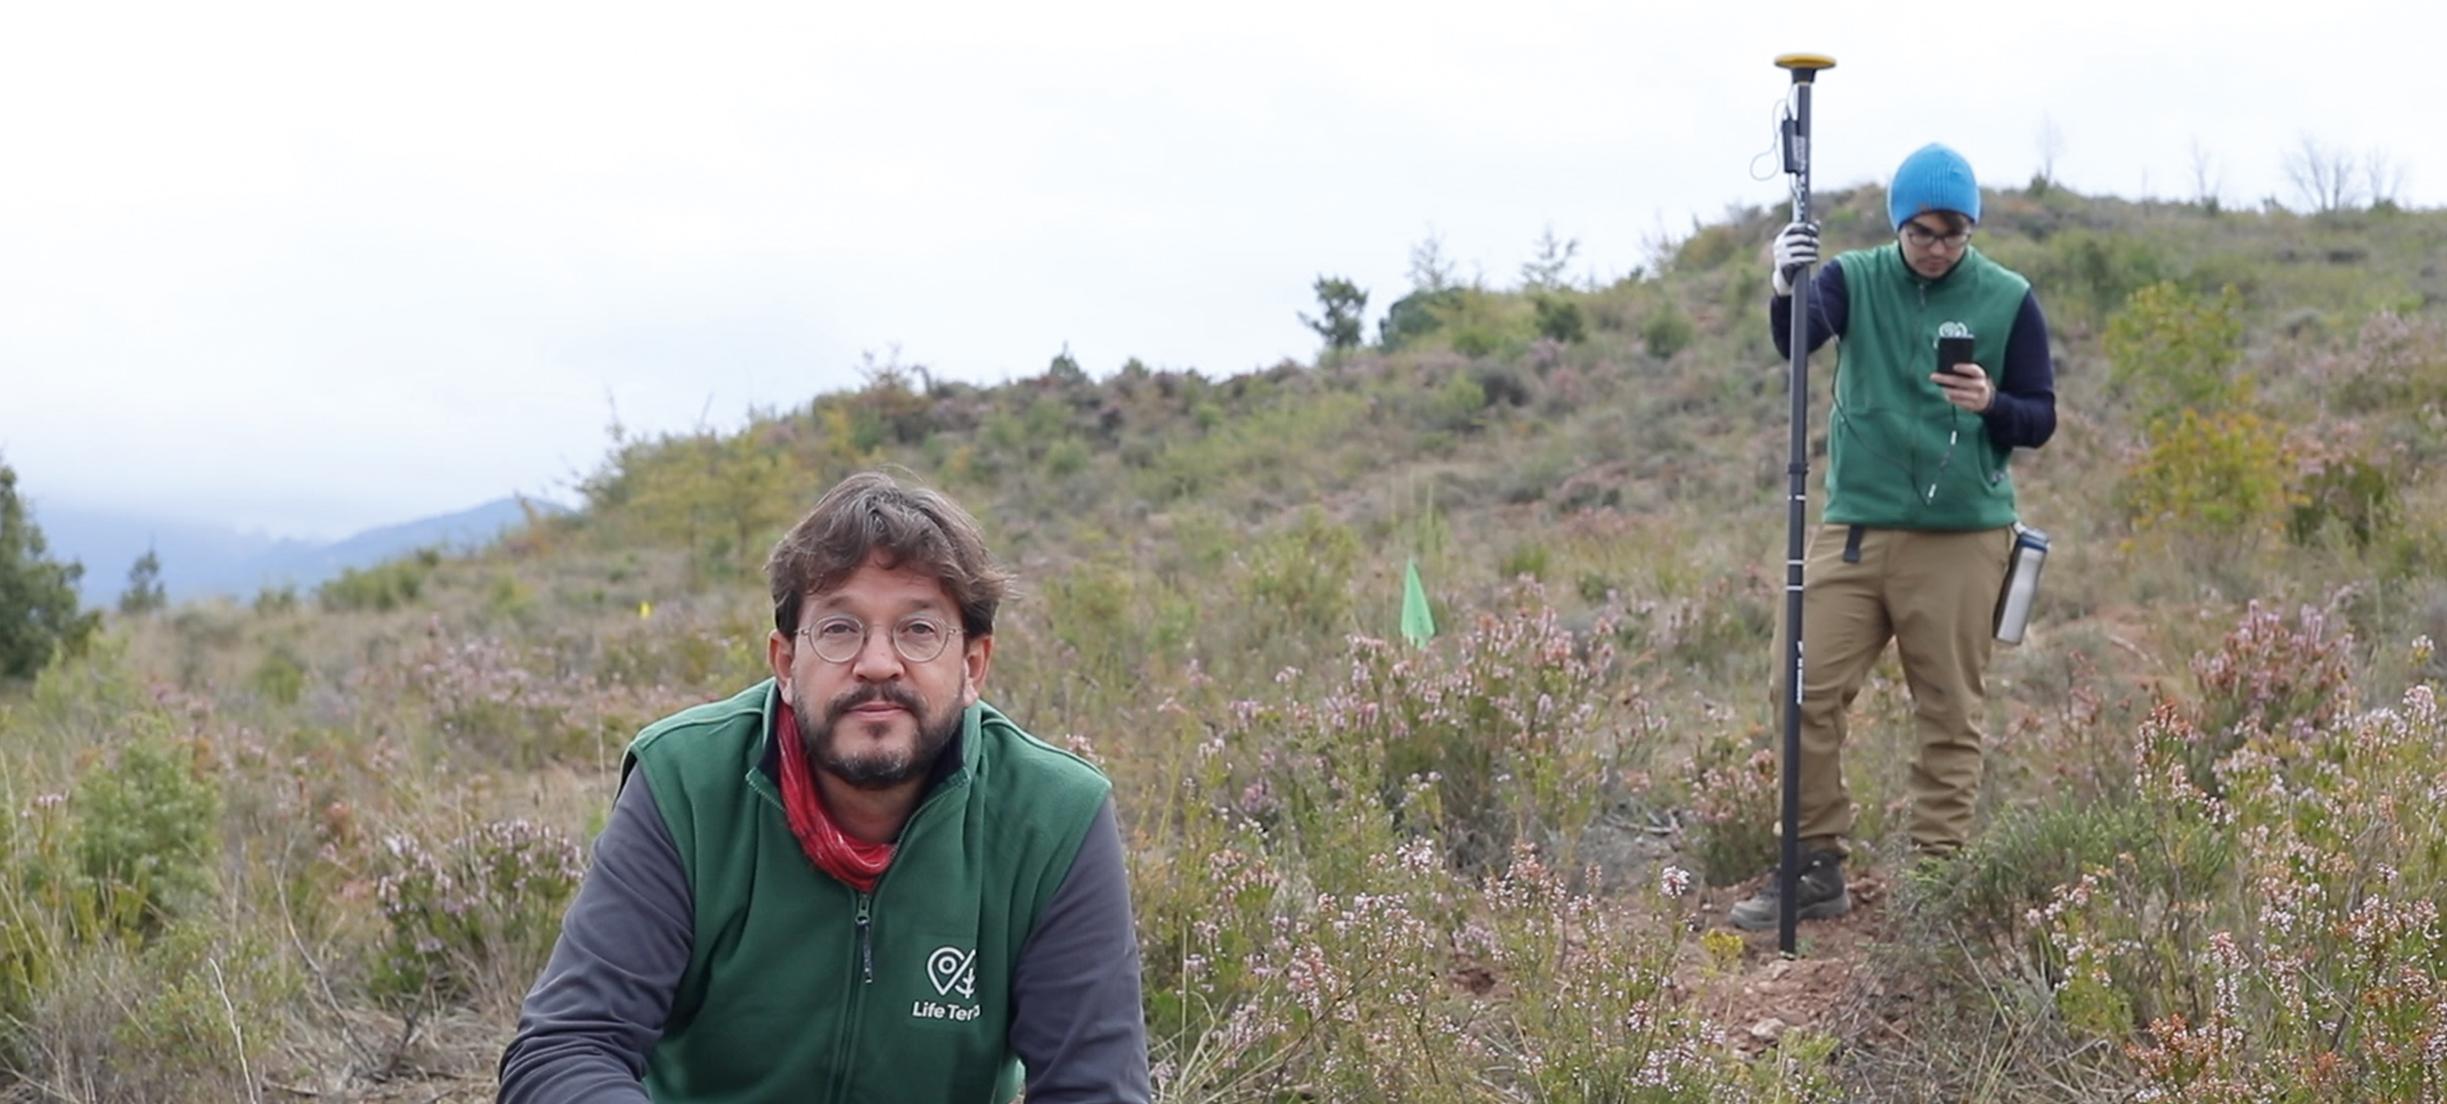 Deze organisatie plant 500 miljoen bomen in Europa